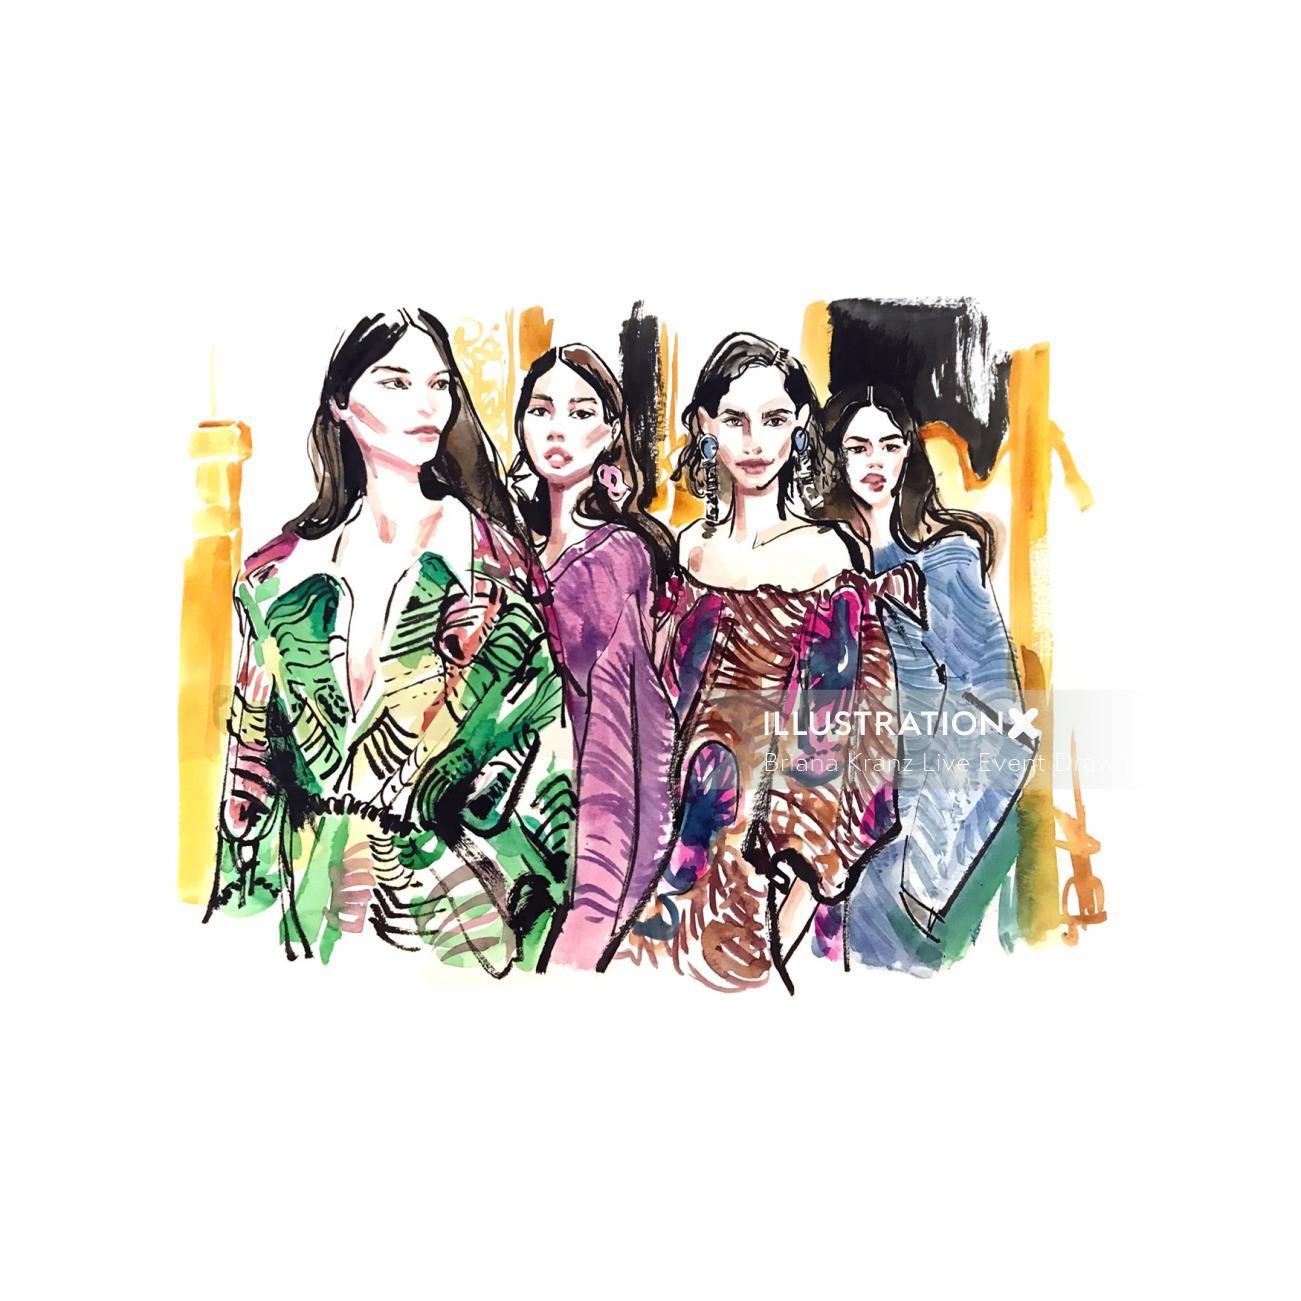 Watercolour sketch of fashion women